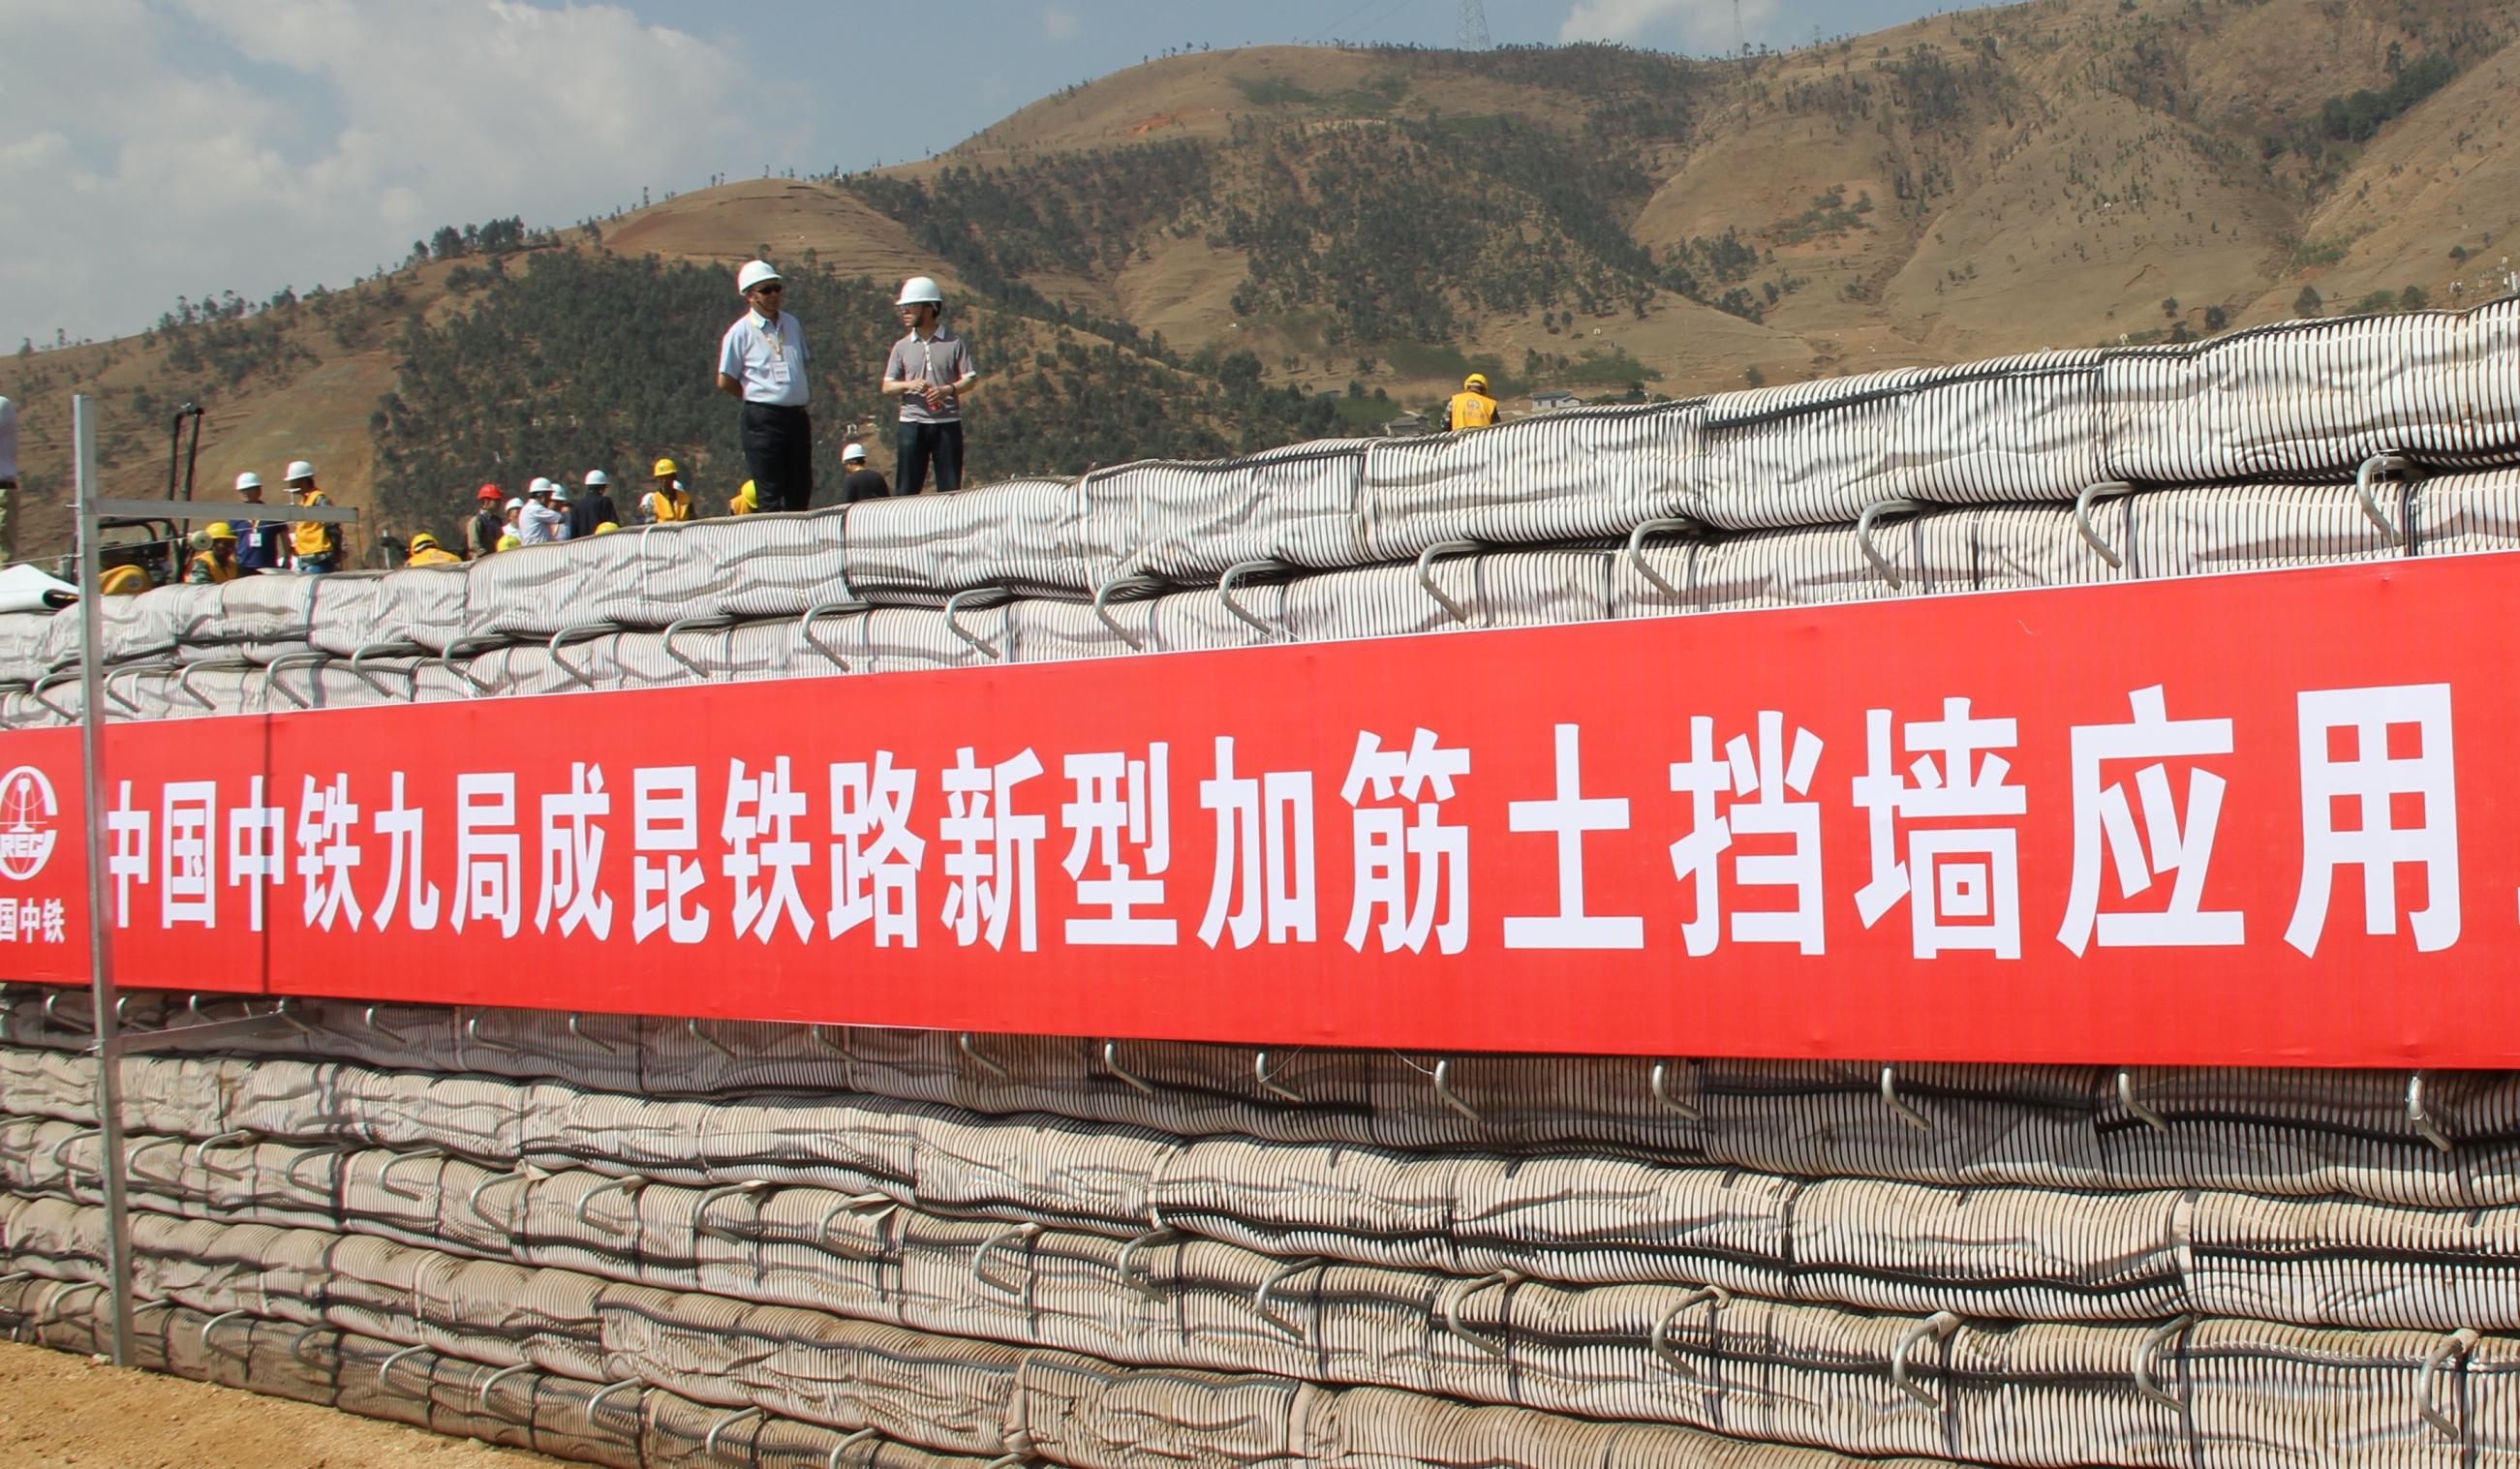 中国铁路总公司2018男统计公报发布